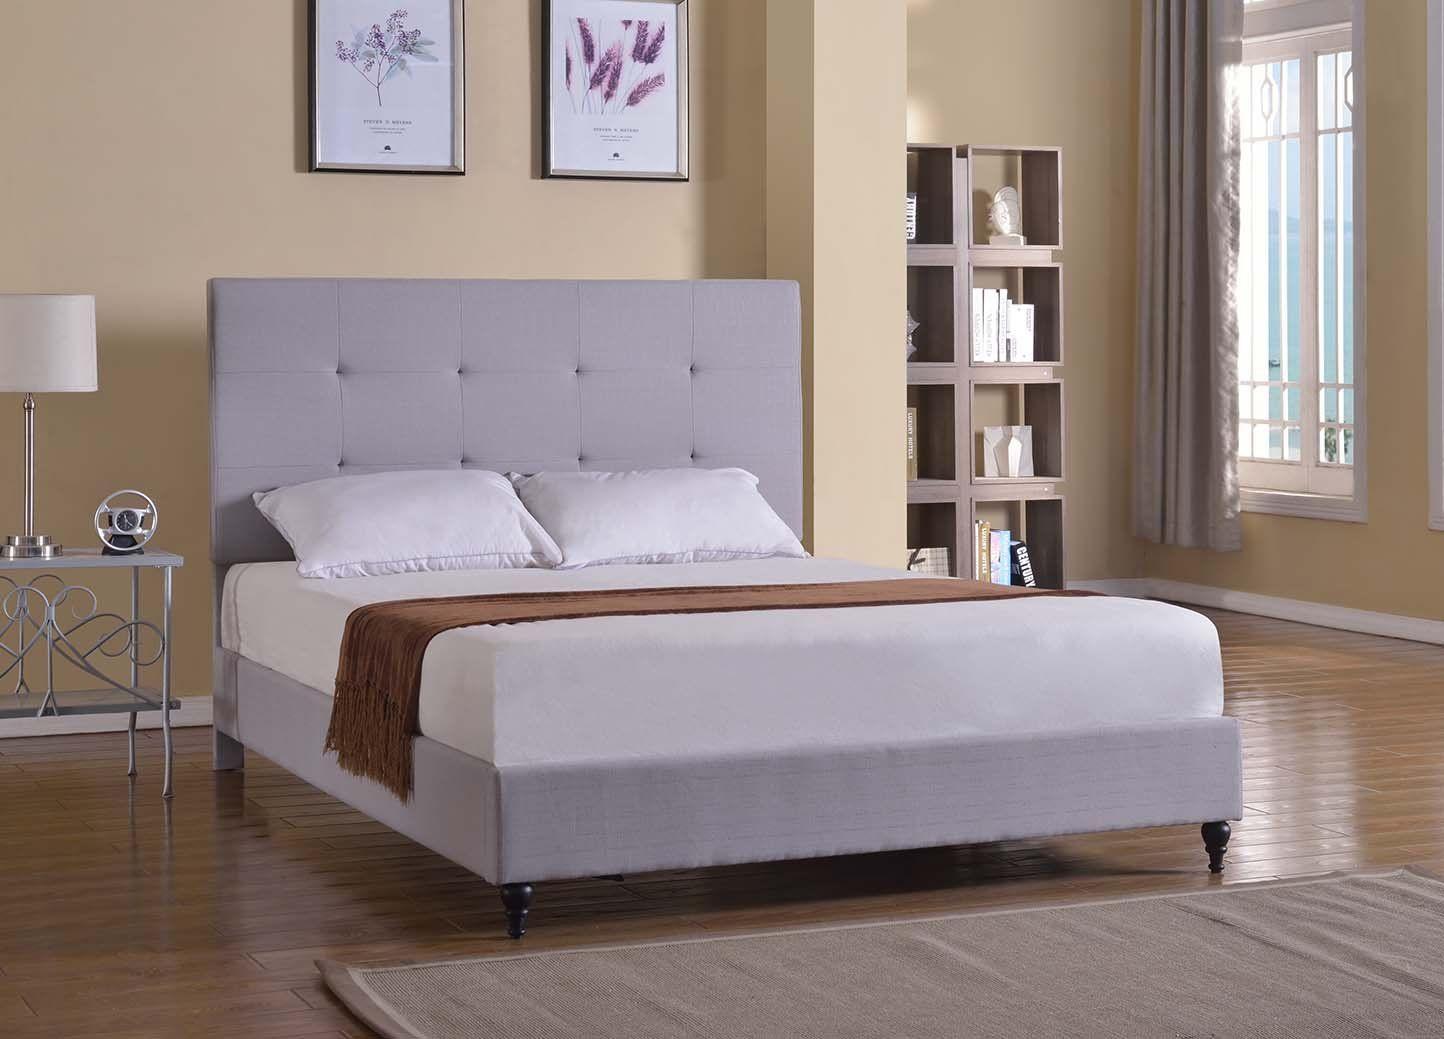 Robot Check Upholstered platform bed, Queen upholstered